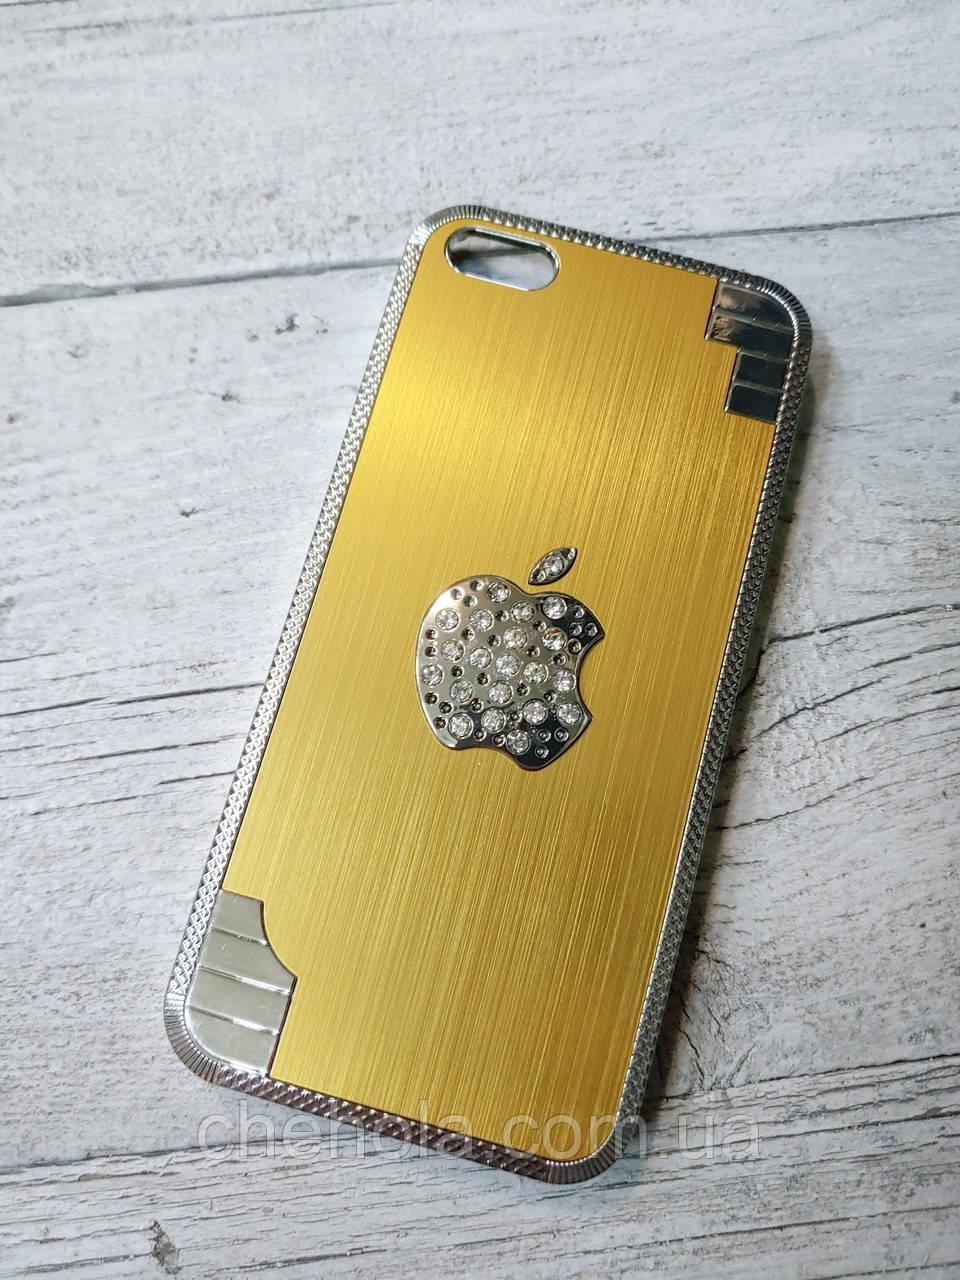 Противоударный чехол для iPhone 5 5S SE со стразами металлический  Оранжевый